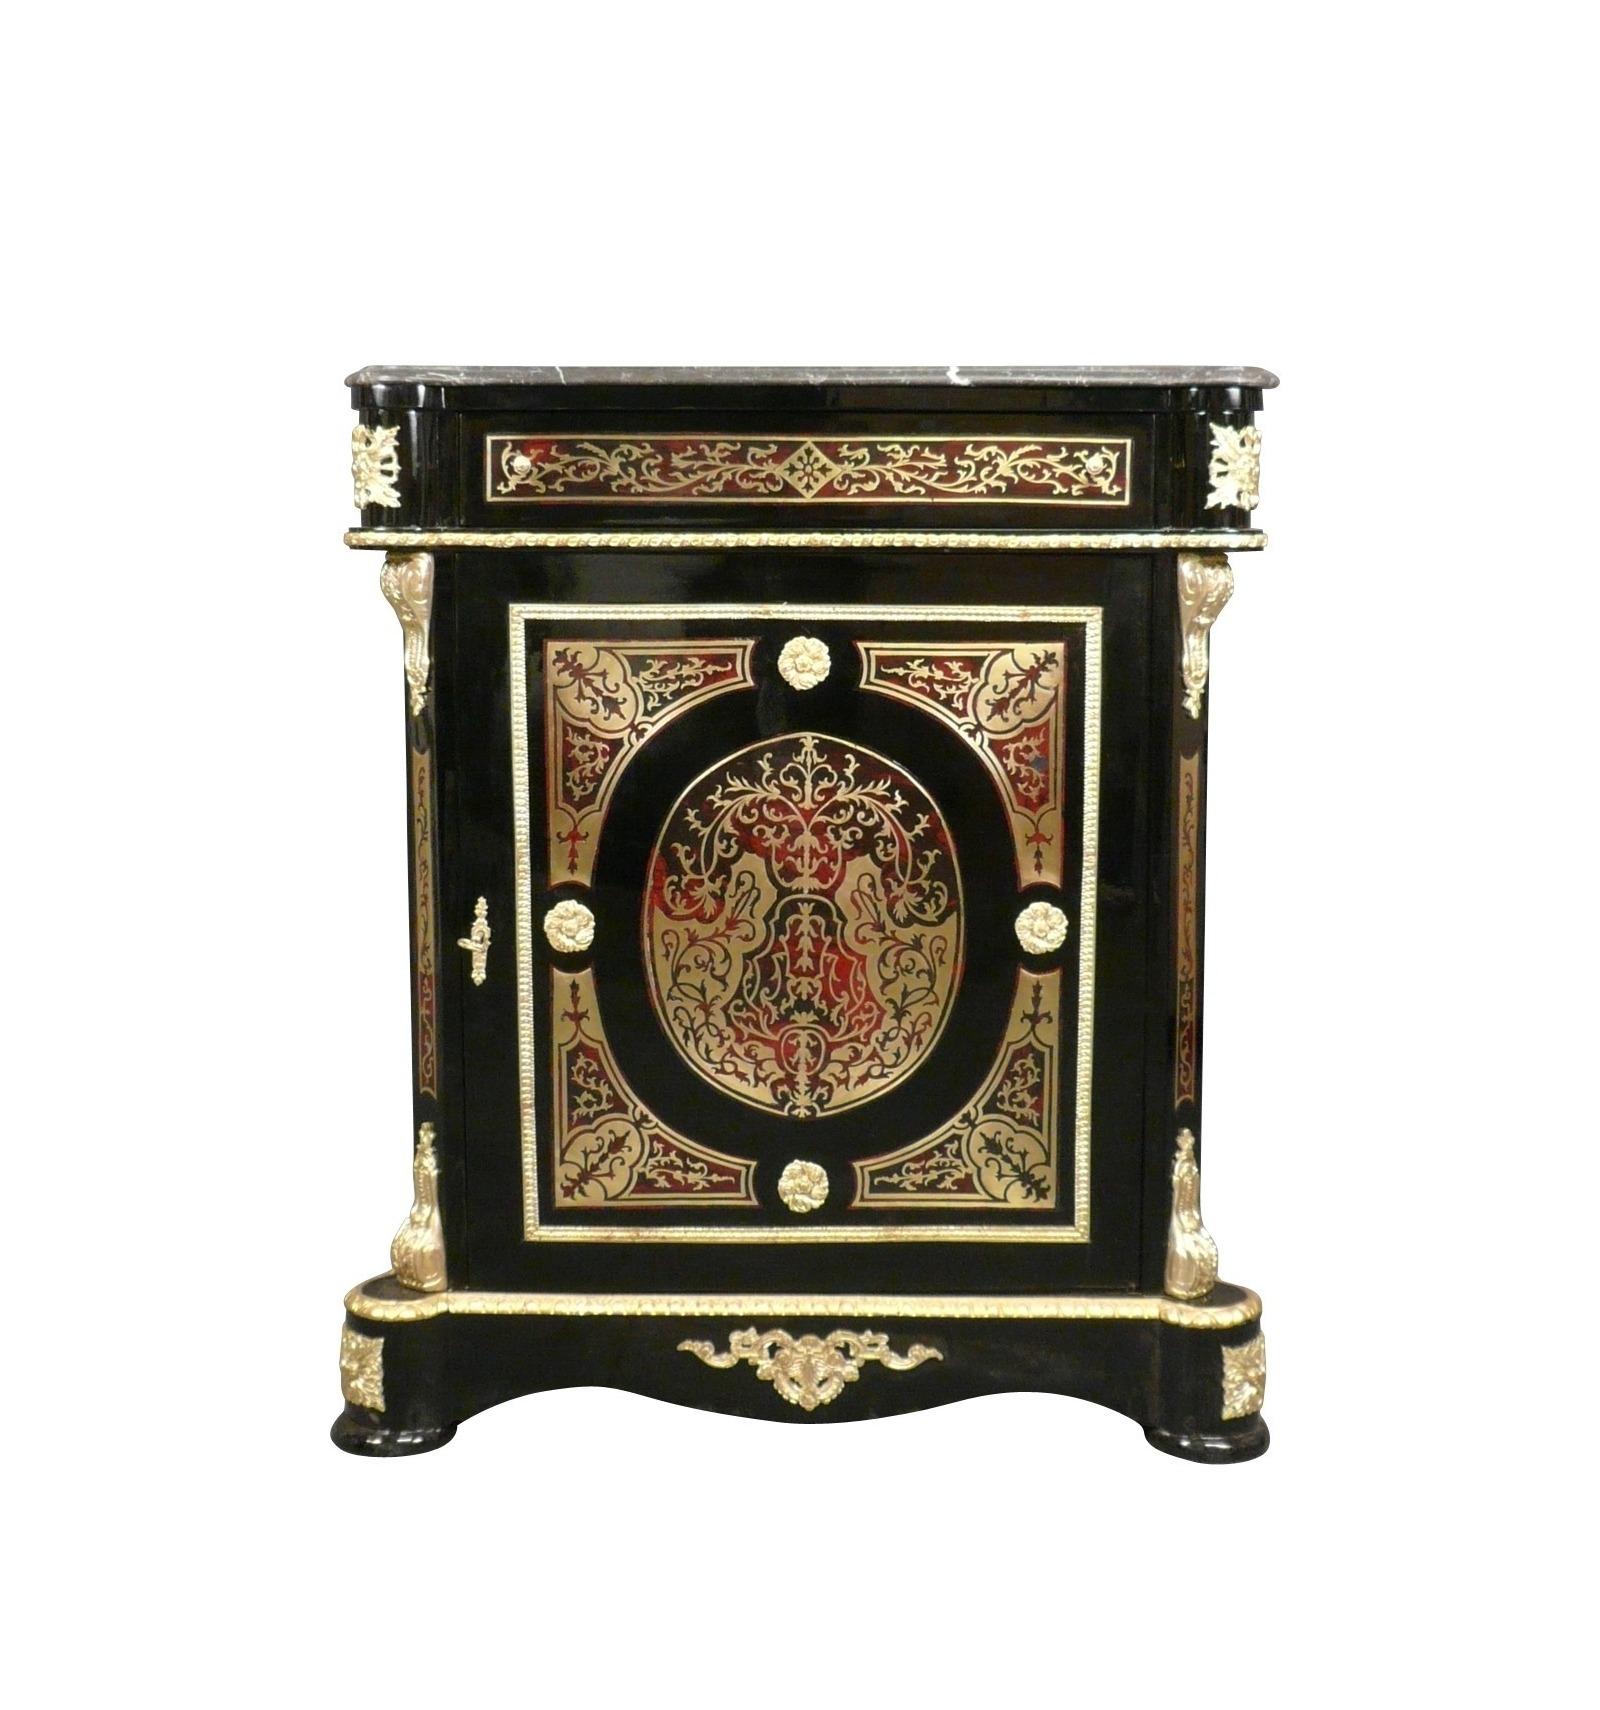 Meuble Ancien Style Henri 4 buffet empire boulle - meubles de style napoléon 3